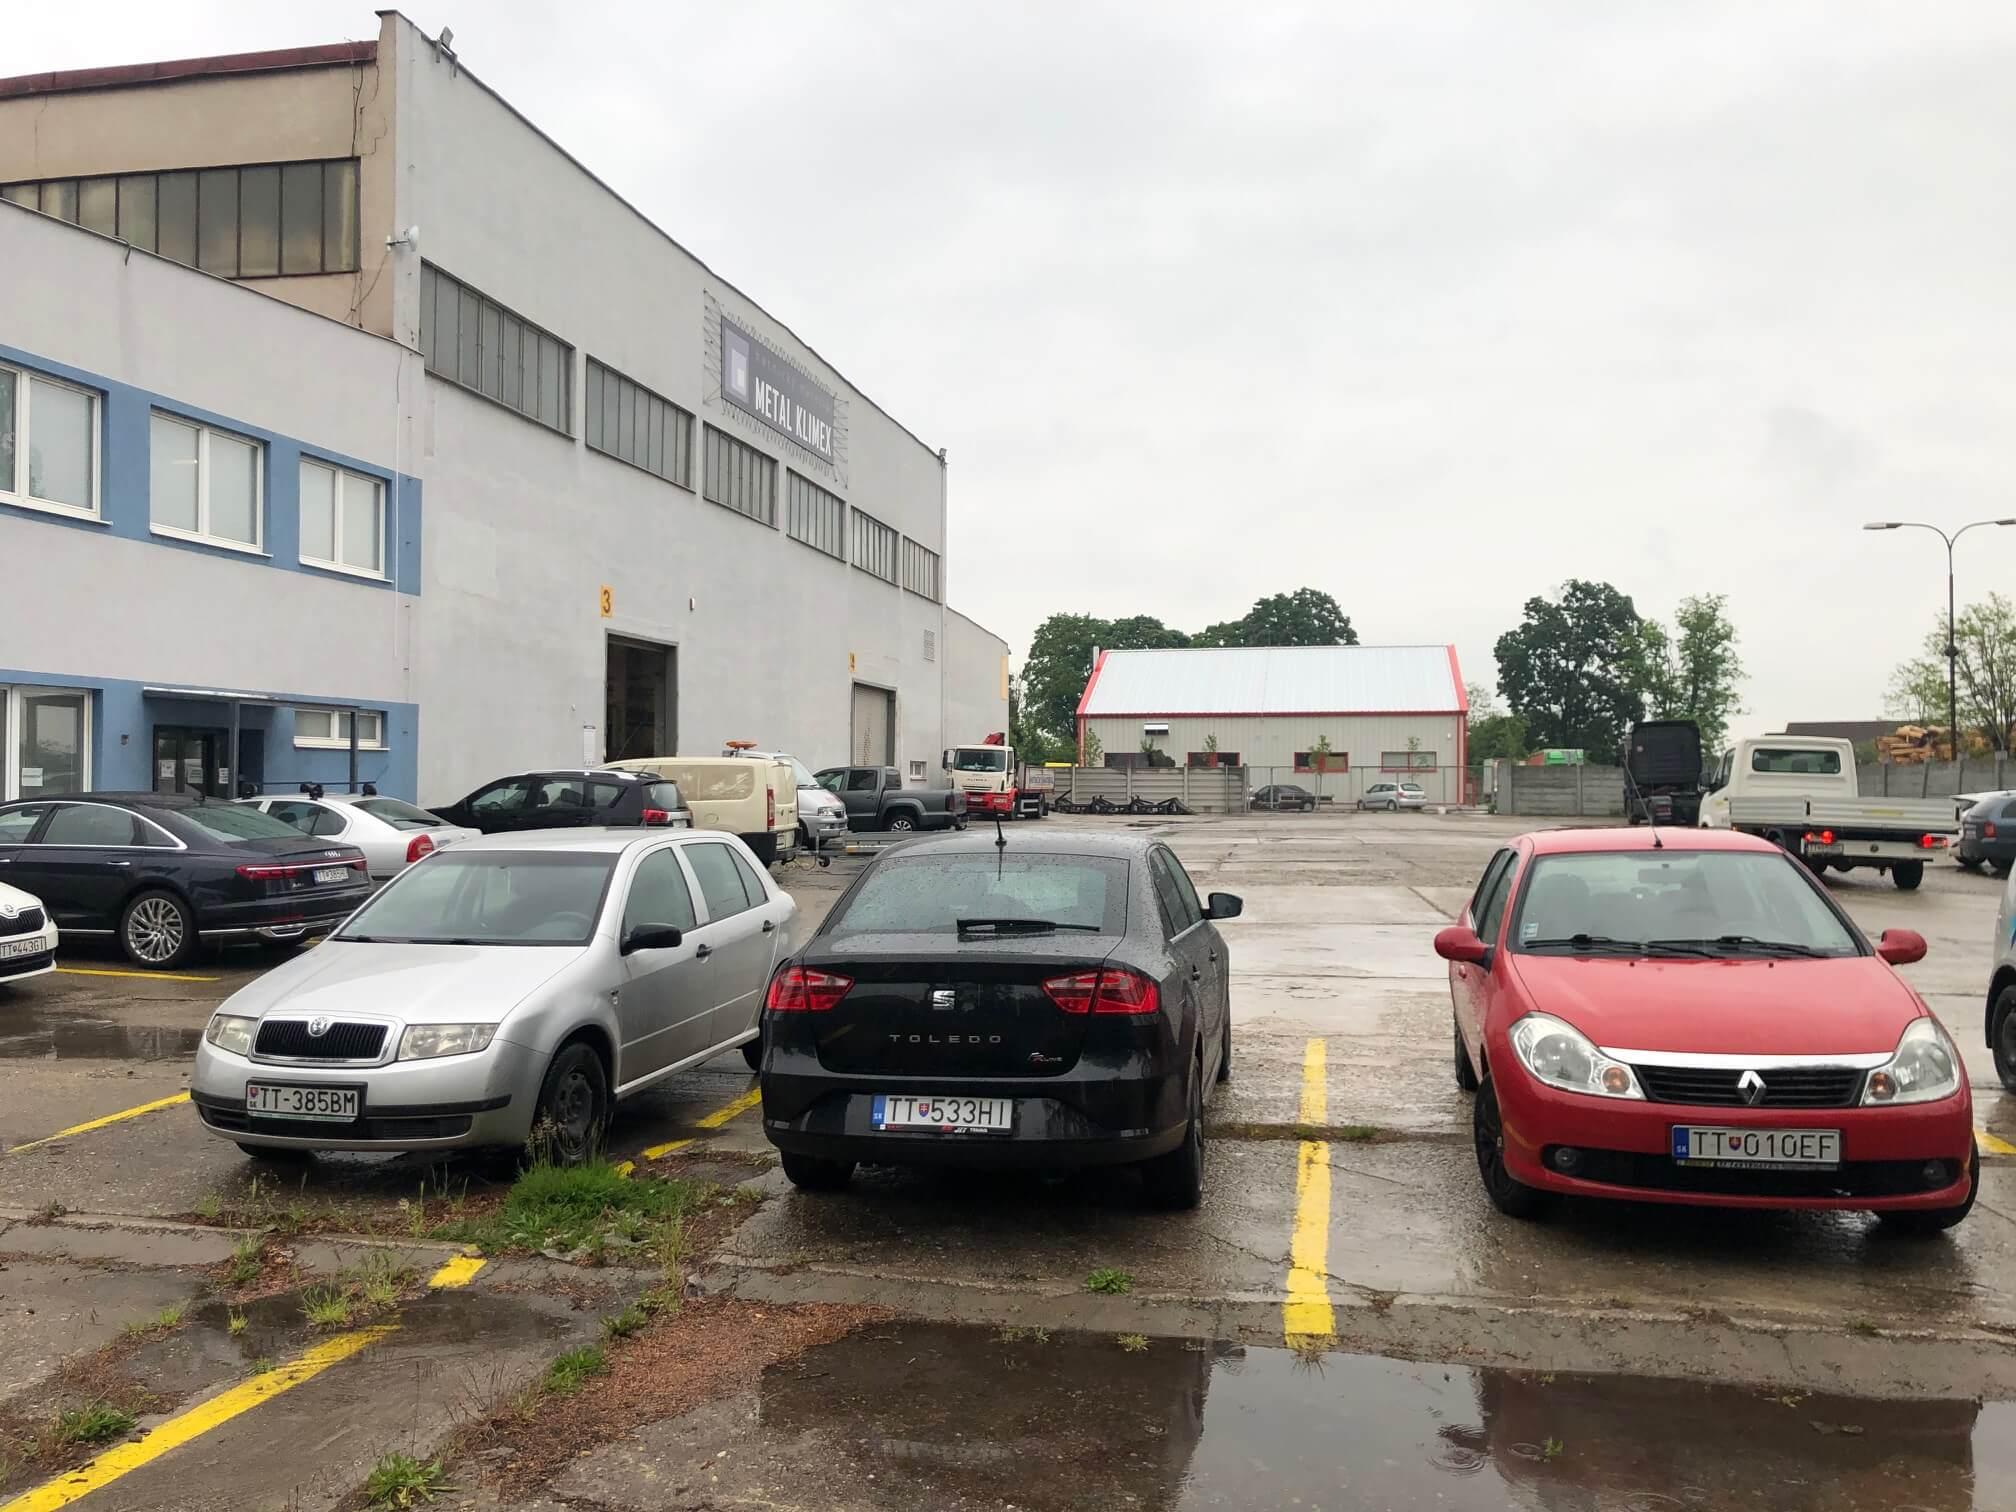 Skladová, výrobná plocha v hlavnom sklade, 2000m2, ulica Skladová, Trnava-6